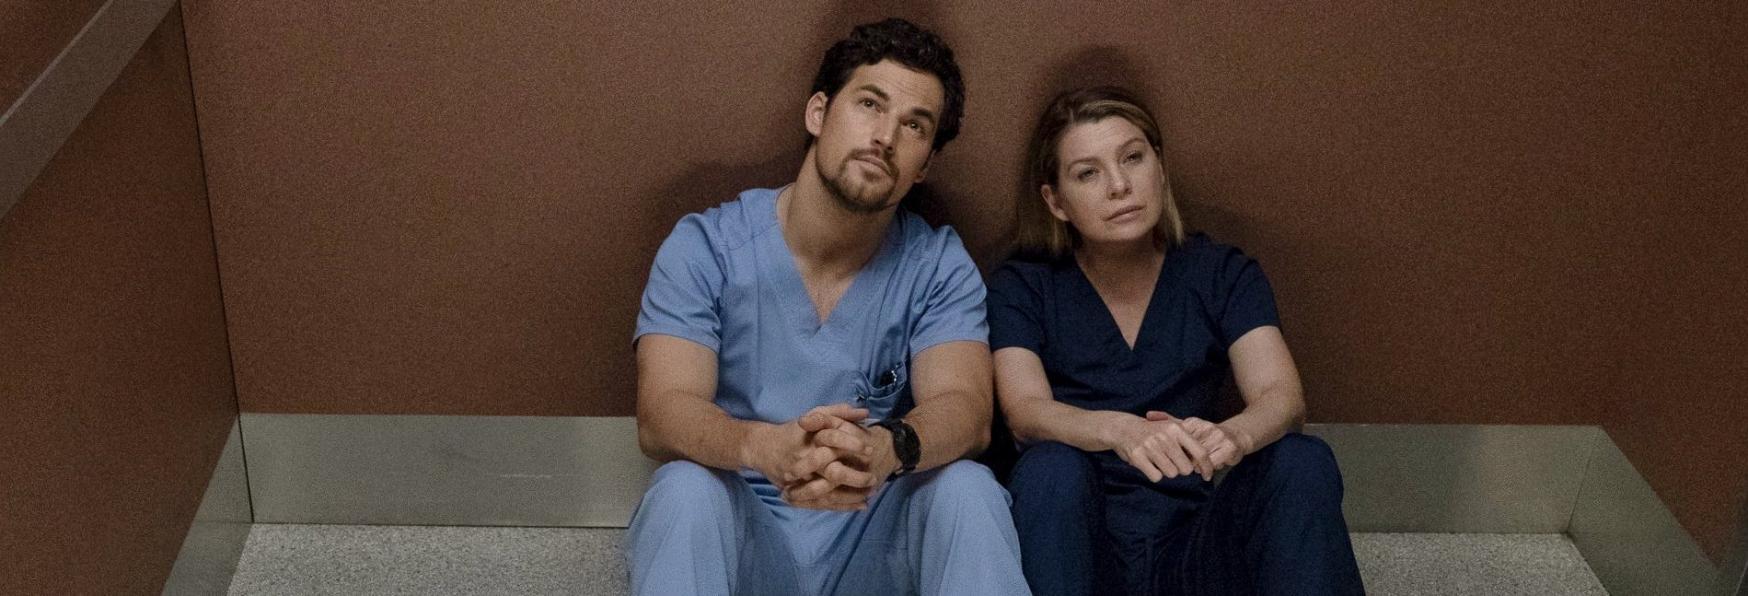 Grey's Anatomy 18 ci sarà? Le star parlano del Futuro della Serie TV